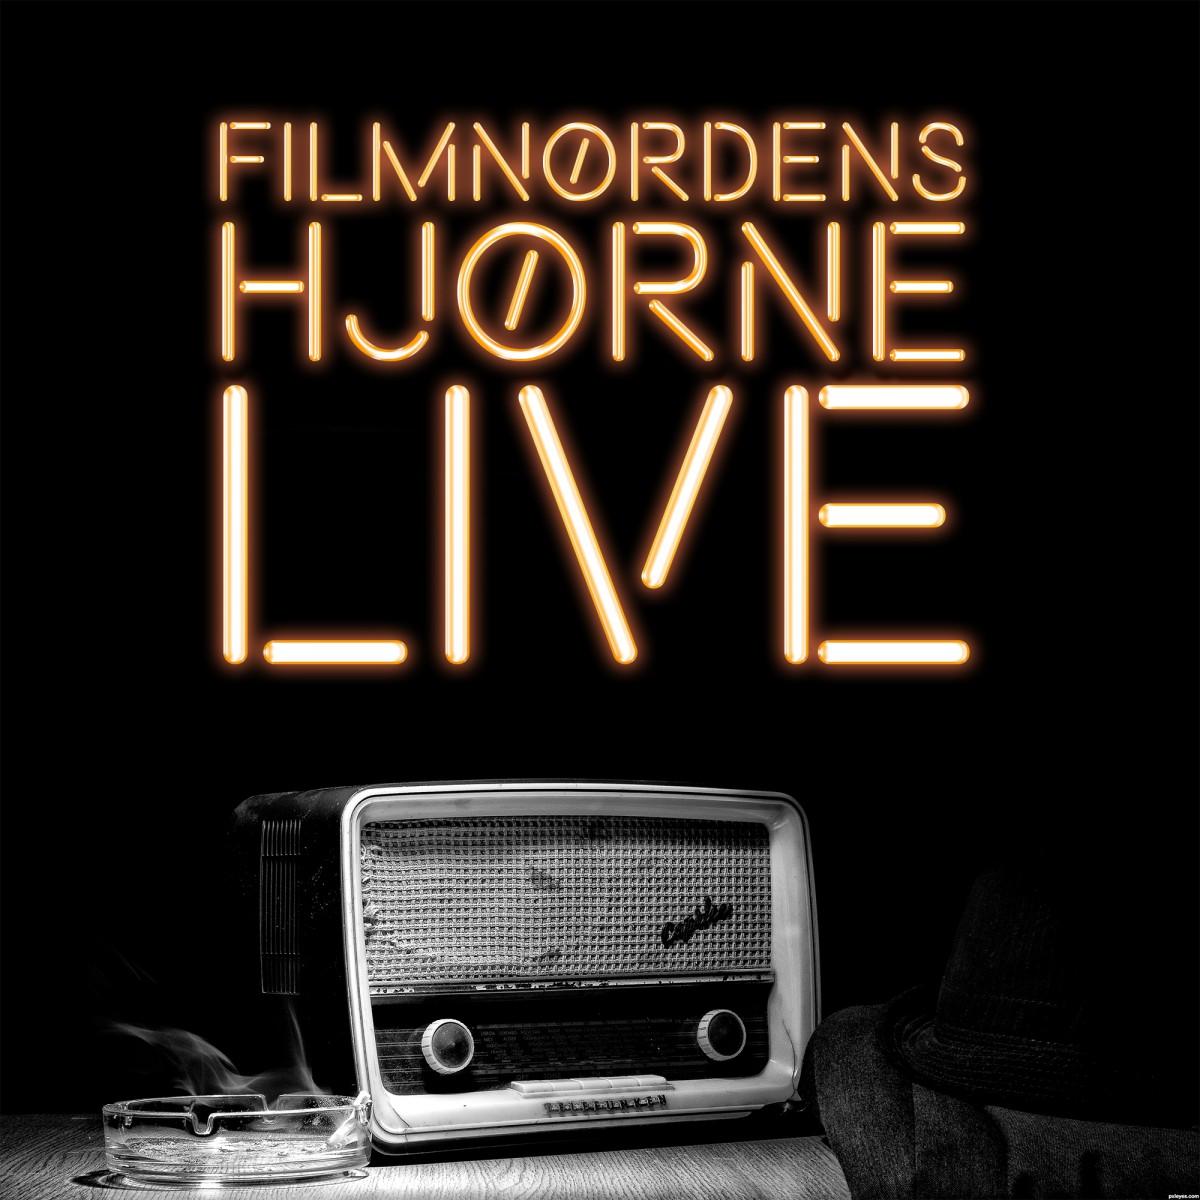 Filmnørdens Hjørne LIVE